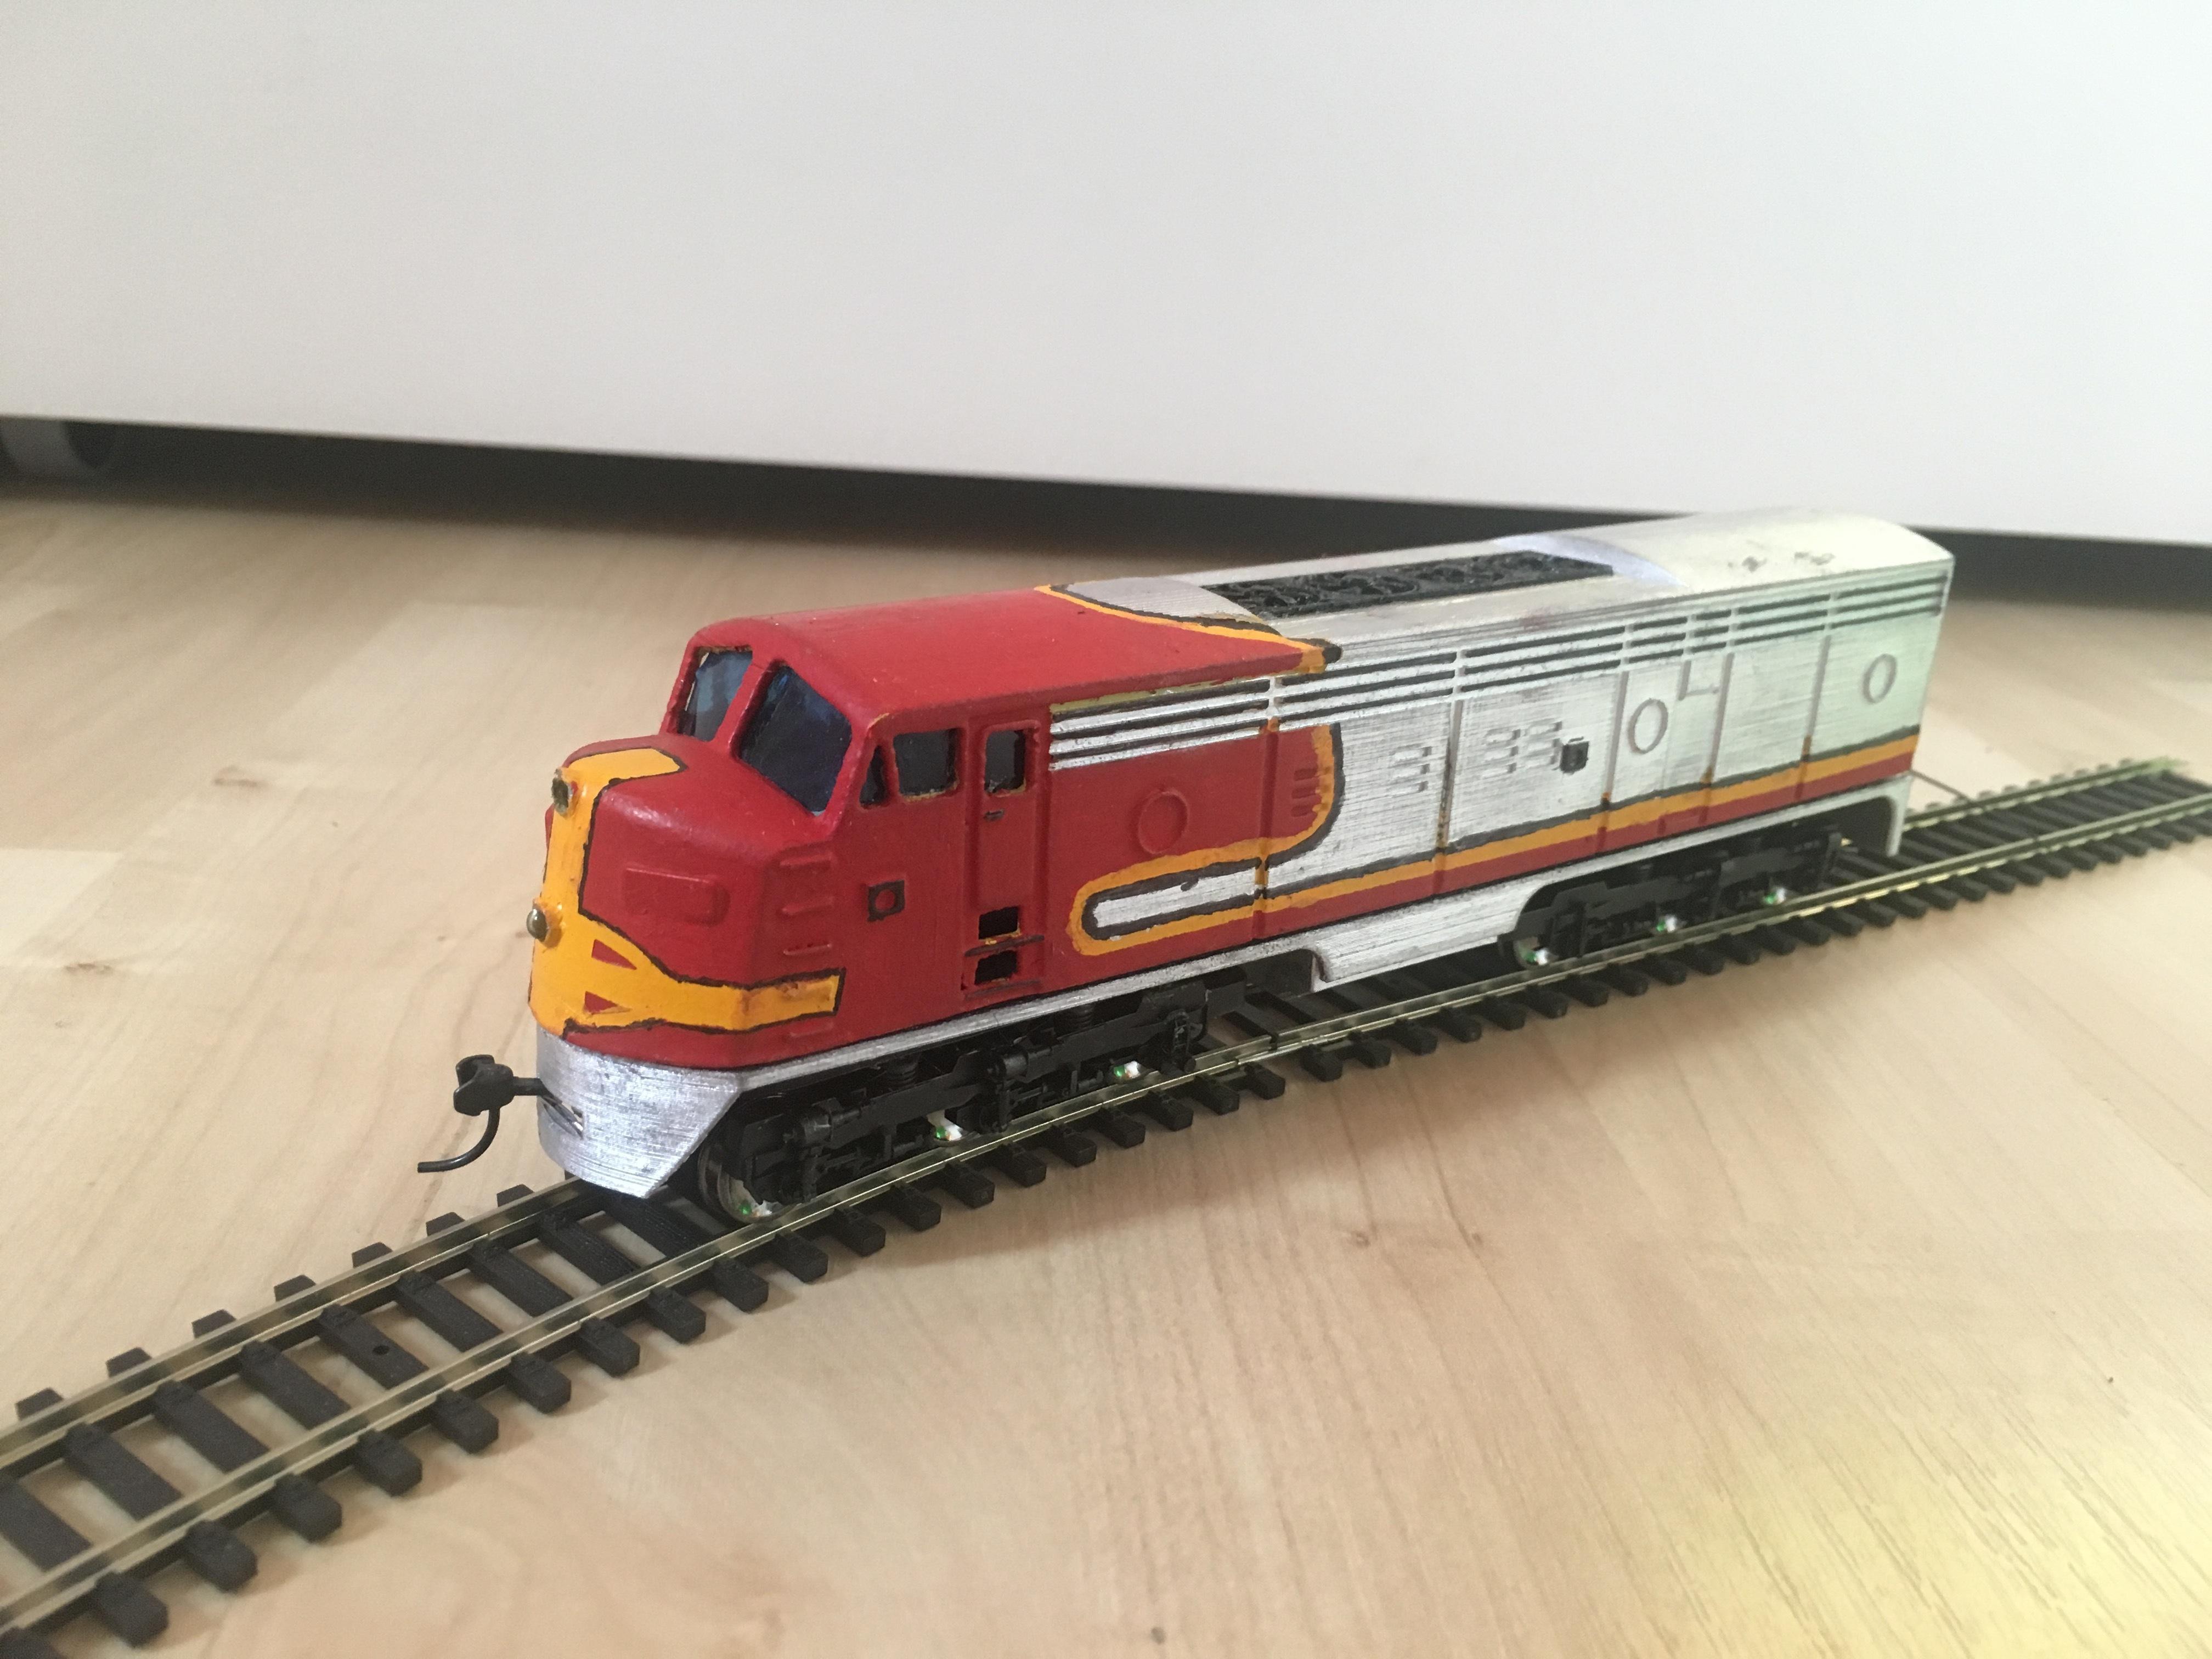 6B2B6074-41CC-4564-BFE0-3C8246DCCE17.jpeg Télécharger fichier STL gratuit Santa Fe - Super Chief - F-series, Un train miniature à l'échelle 1:87 • Objet pour impression 3D, nenchev